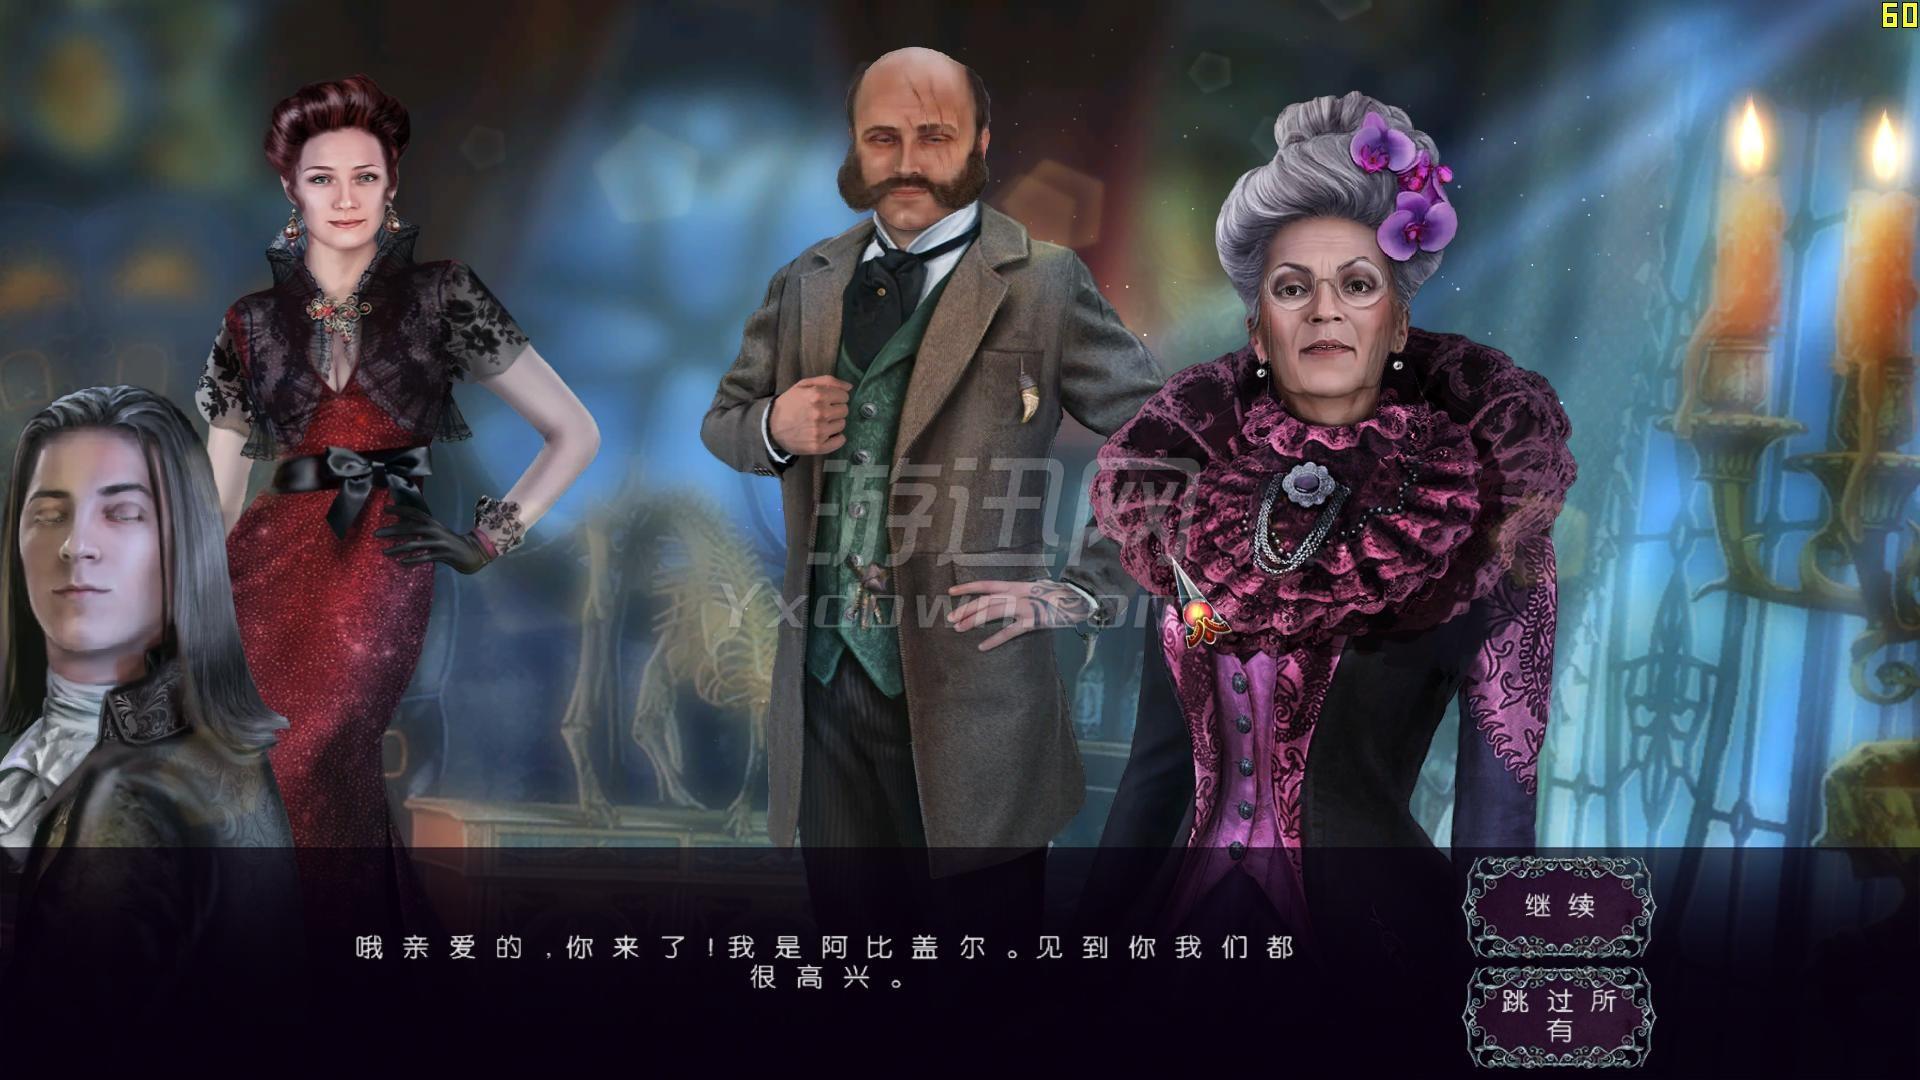 幻象5:面具背后 中文版相关图片